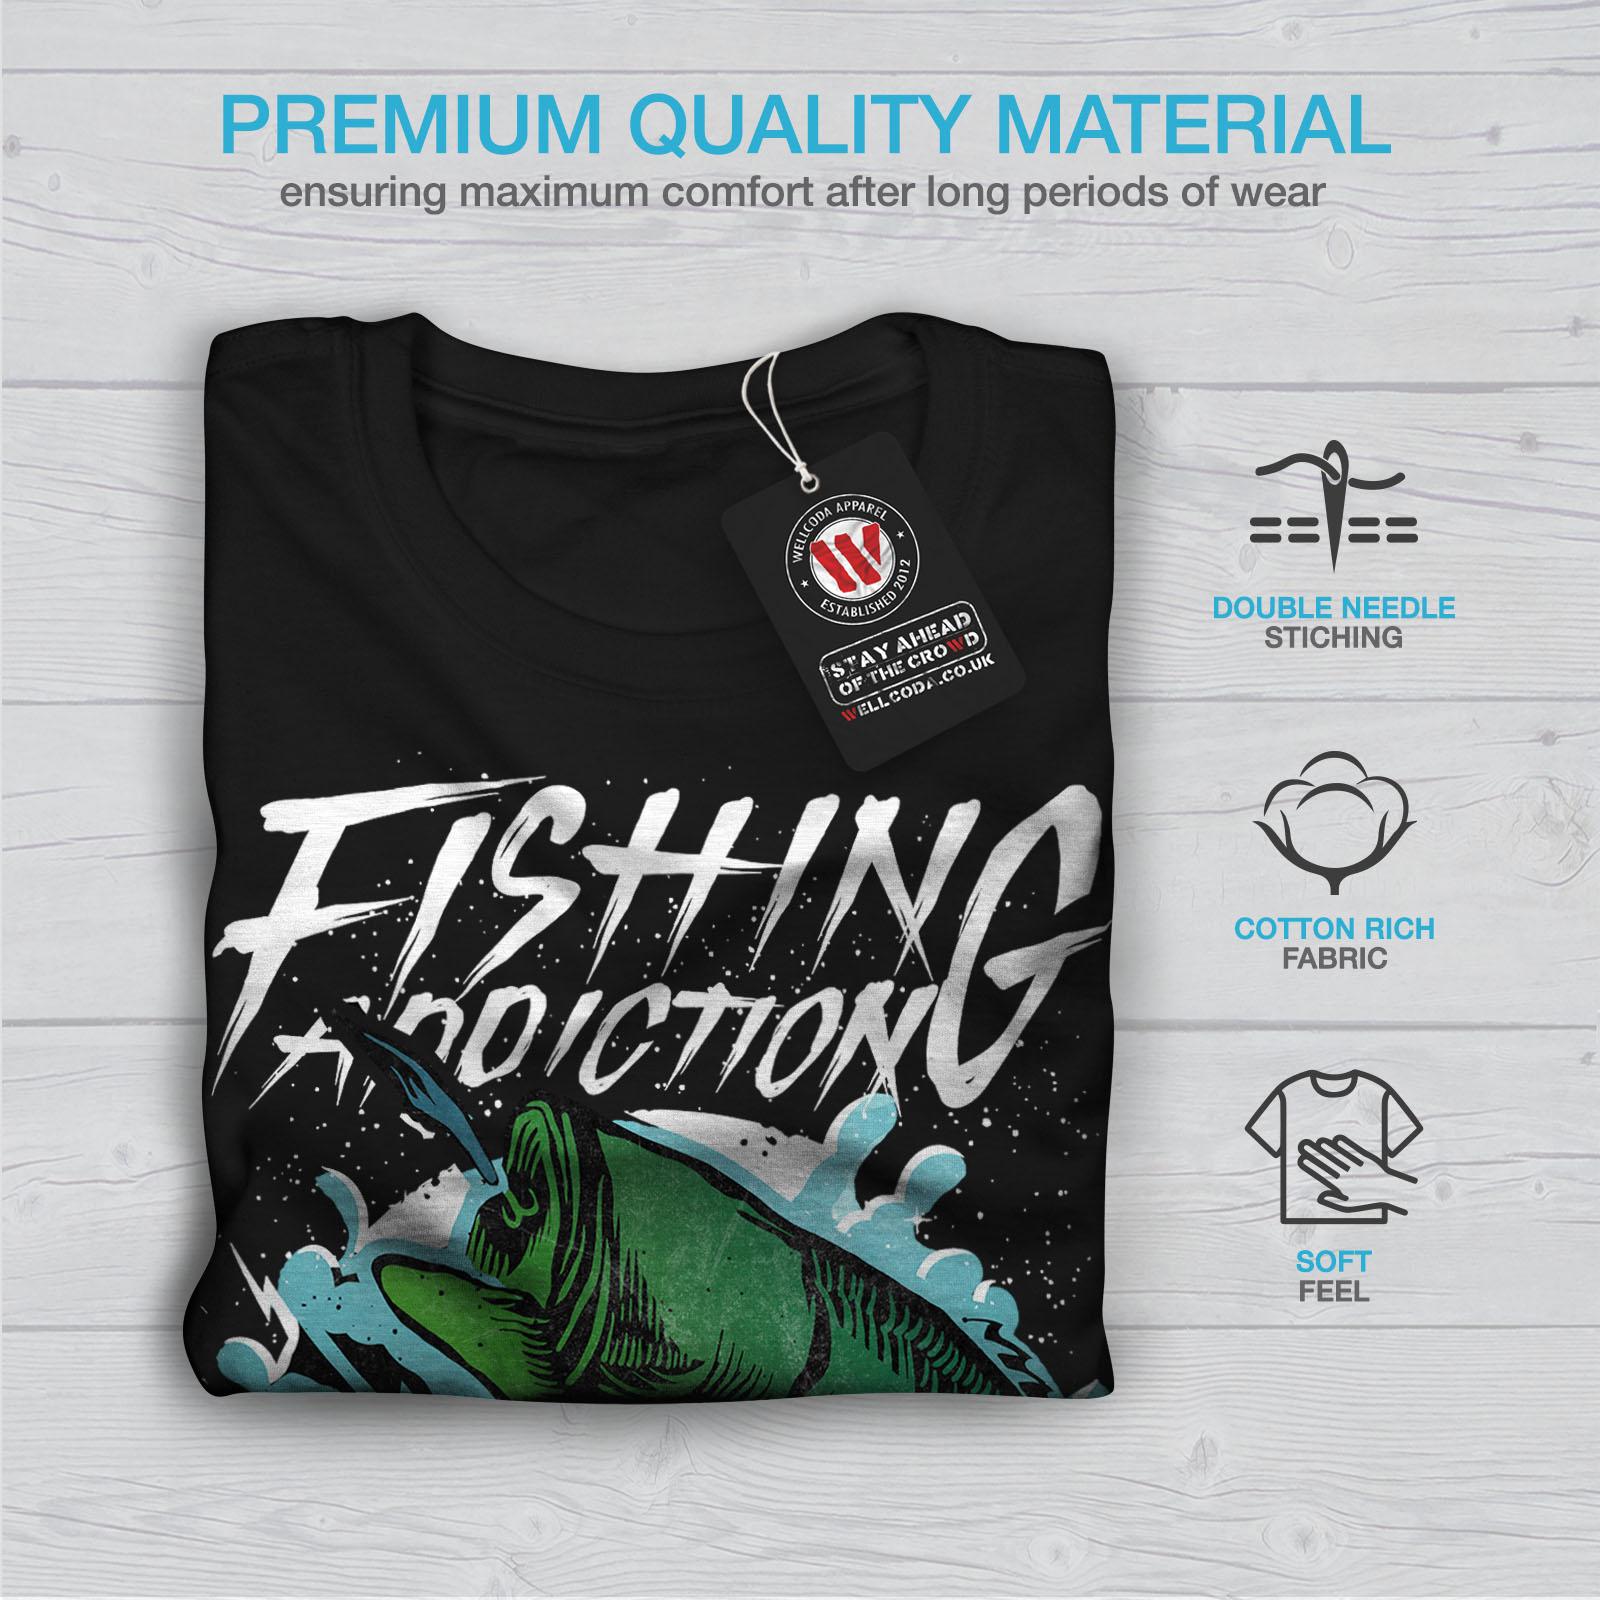 Fishing Hobby Women T-shirt NEWWellcoda